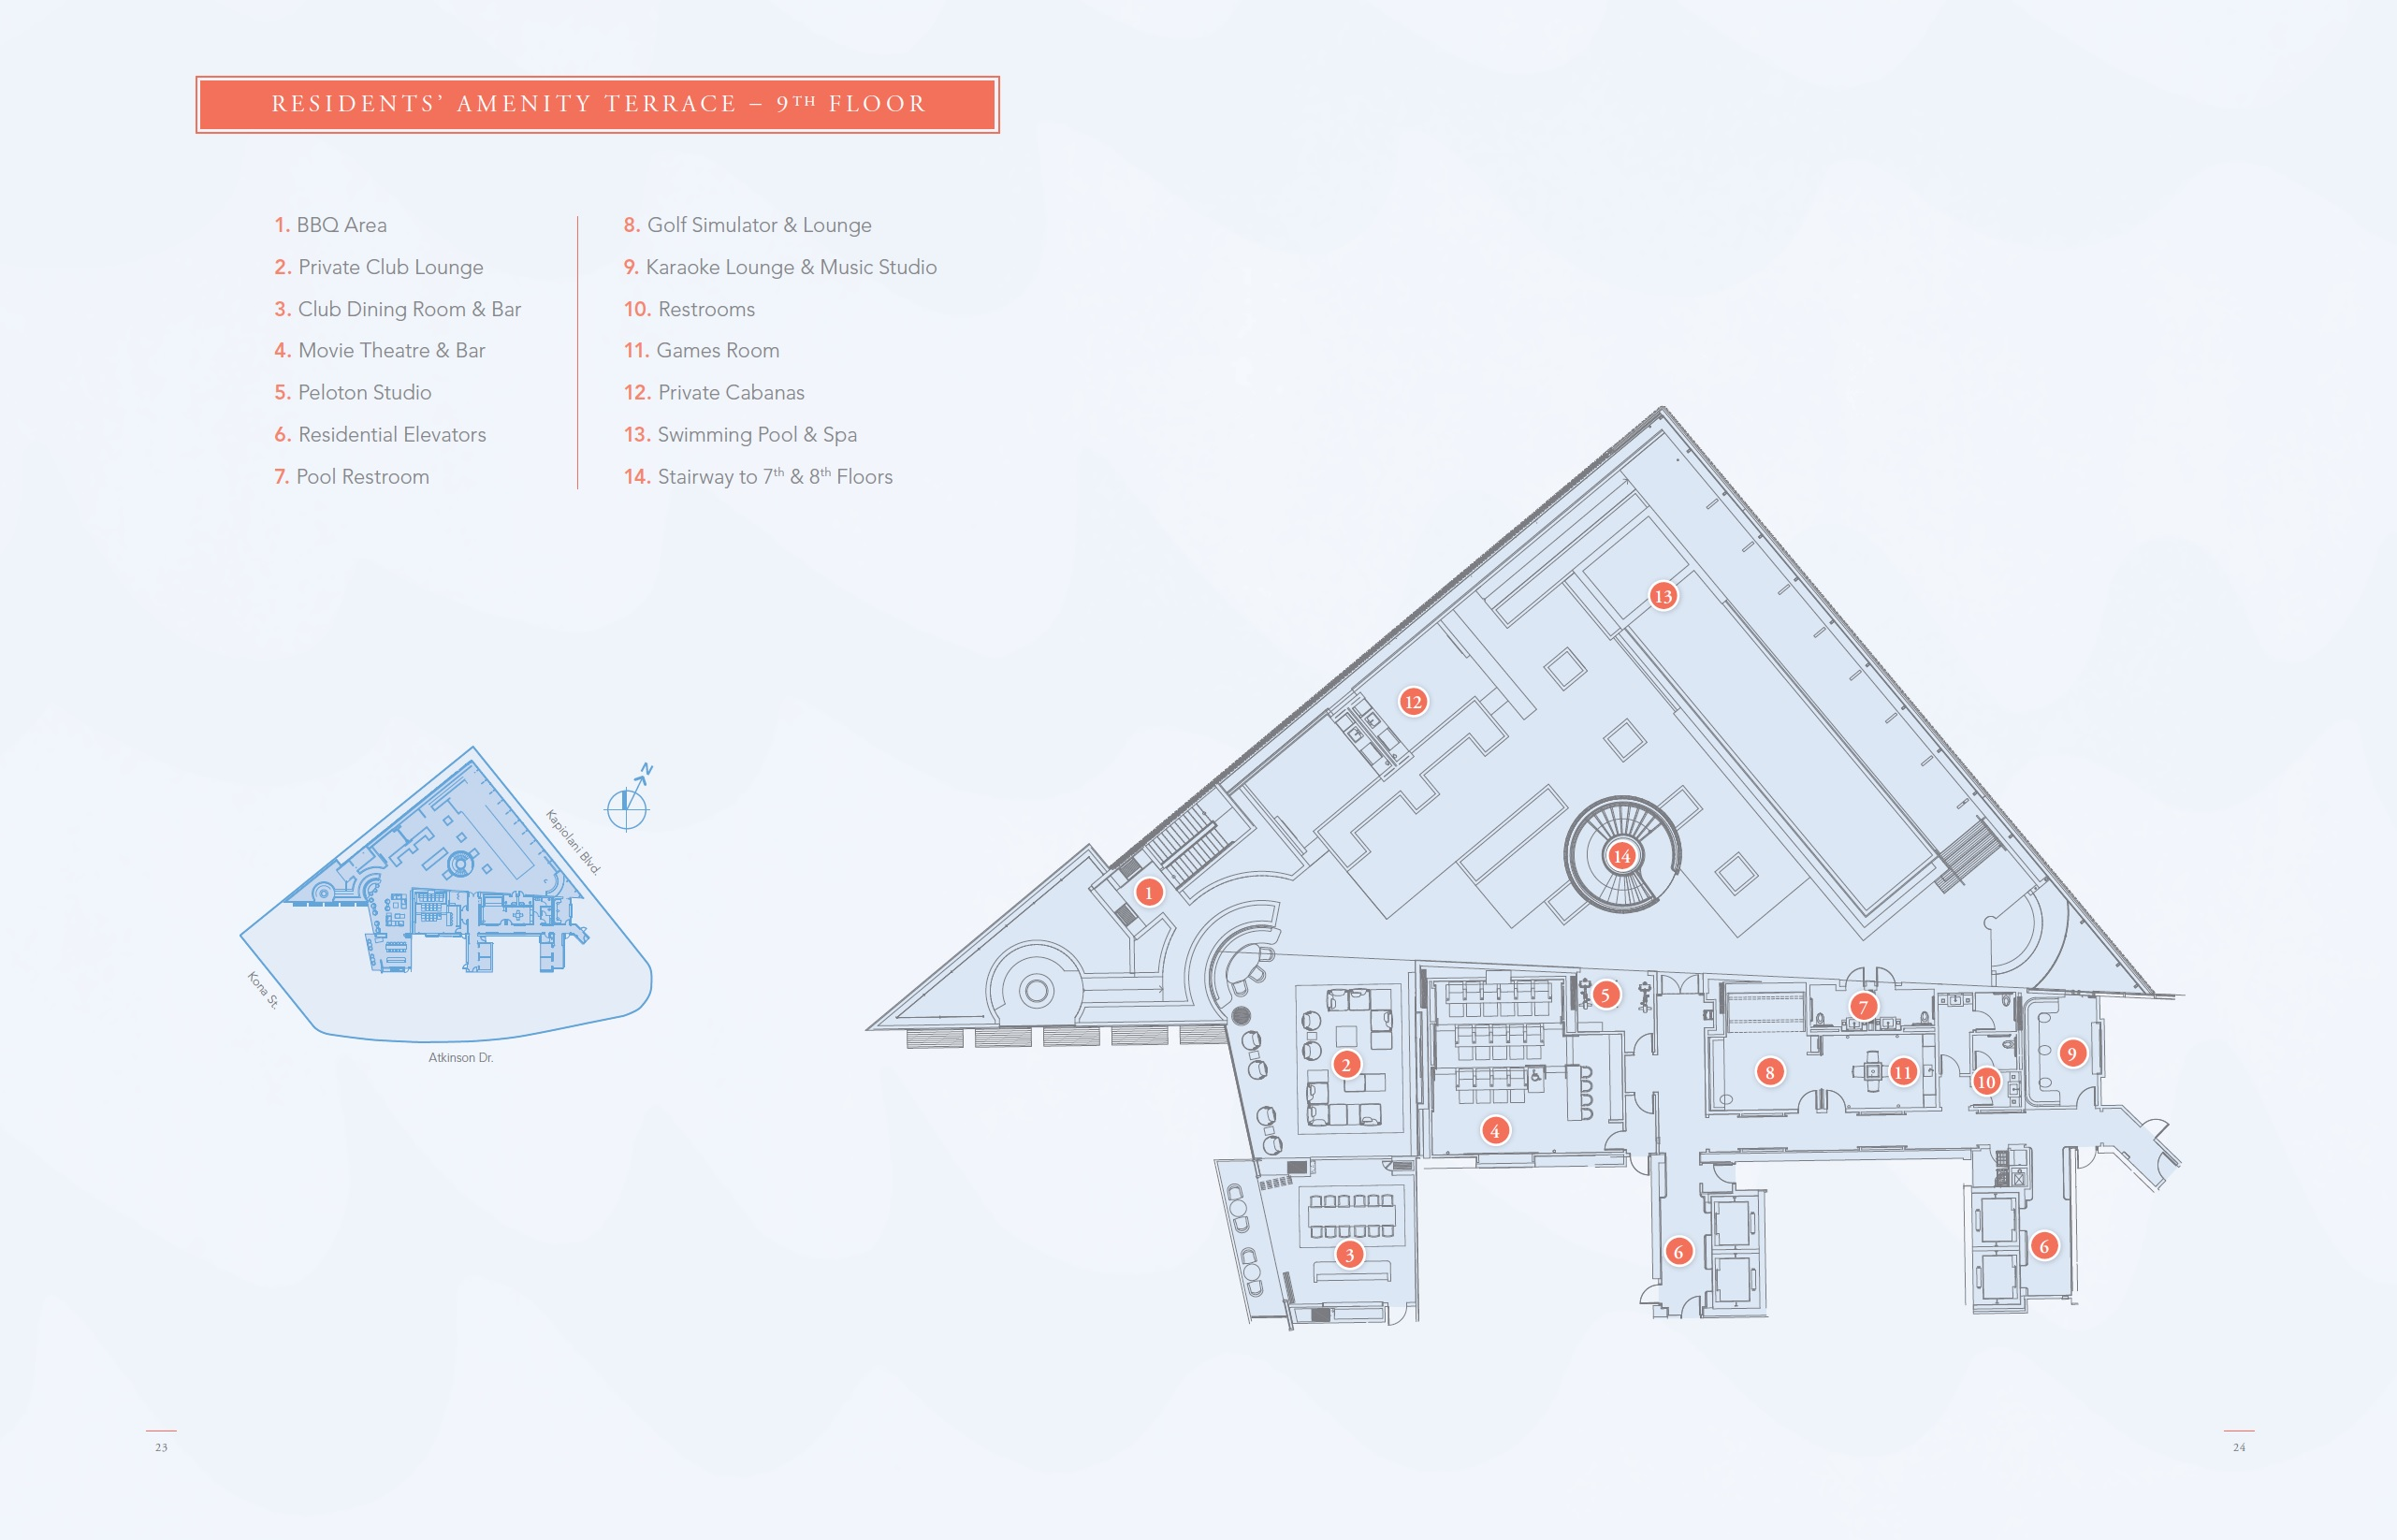 Mandarin Oriental Residential Amenities 9th Floor